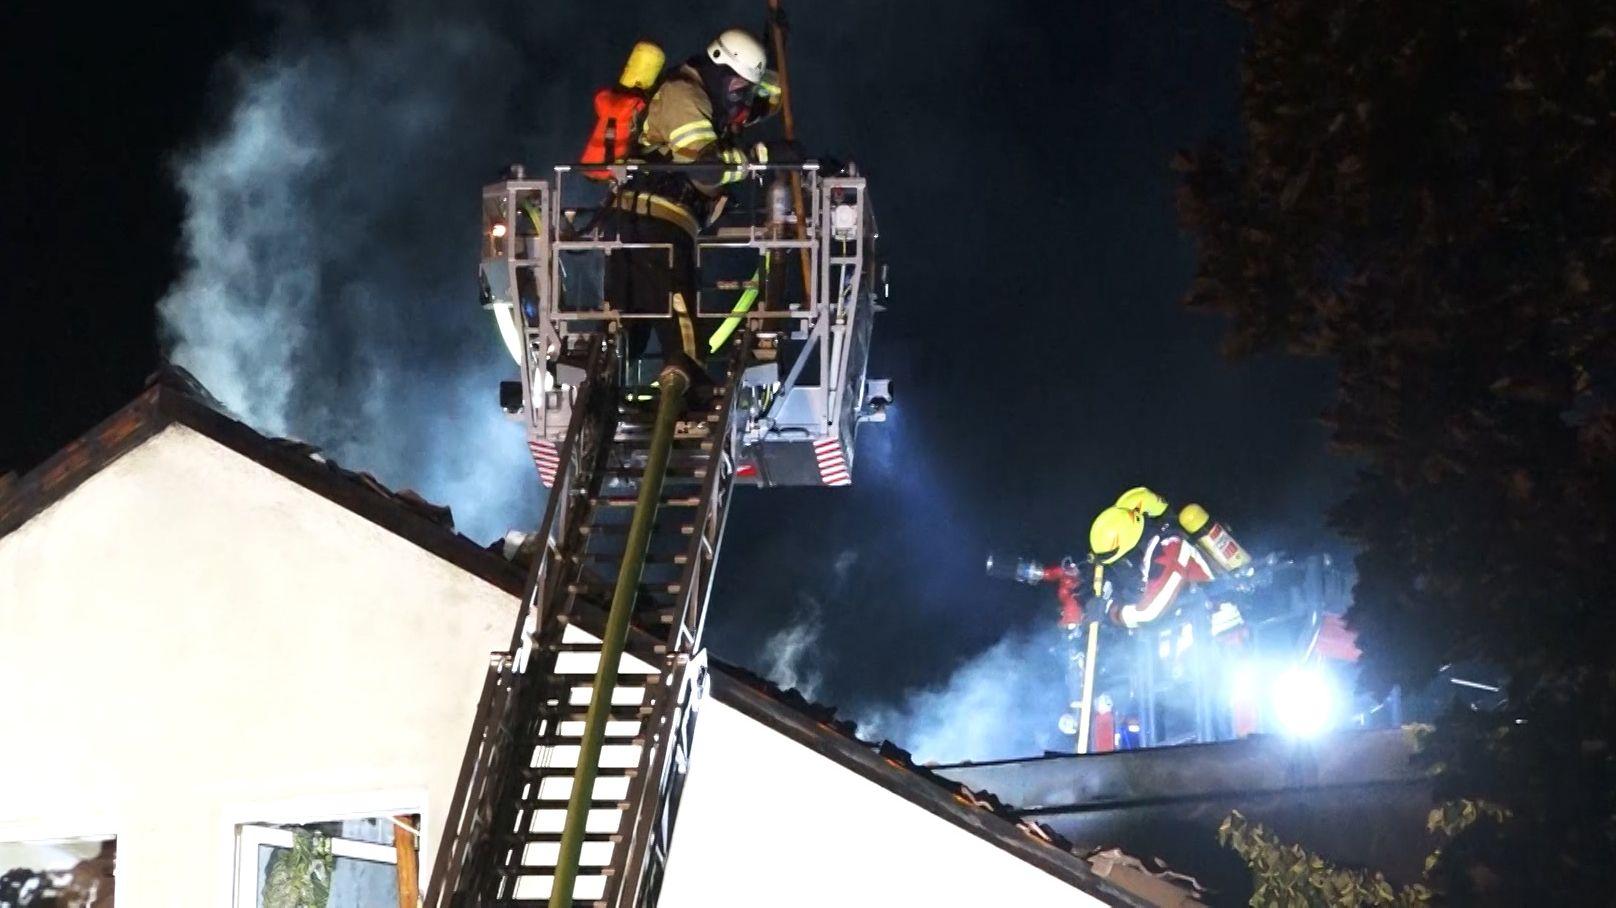 Wegen eines Brandes mussten 75 Personen in Sicherheit gebracht werden